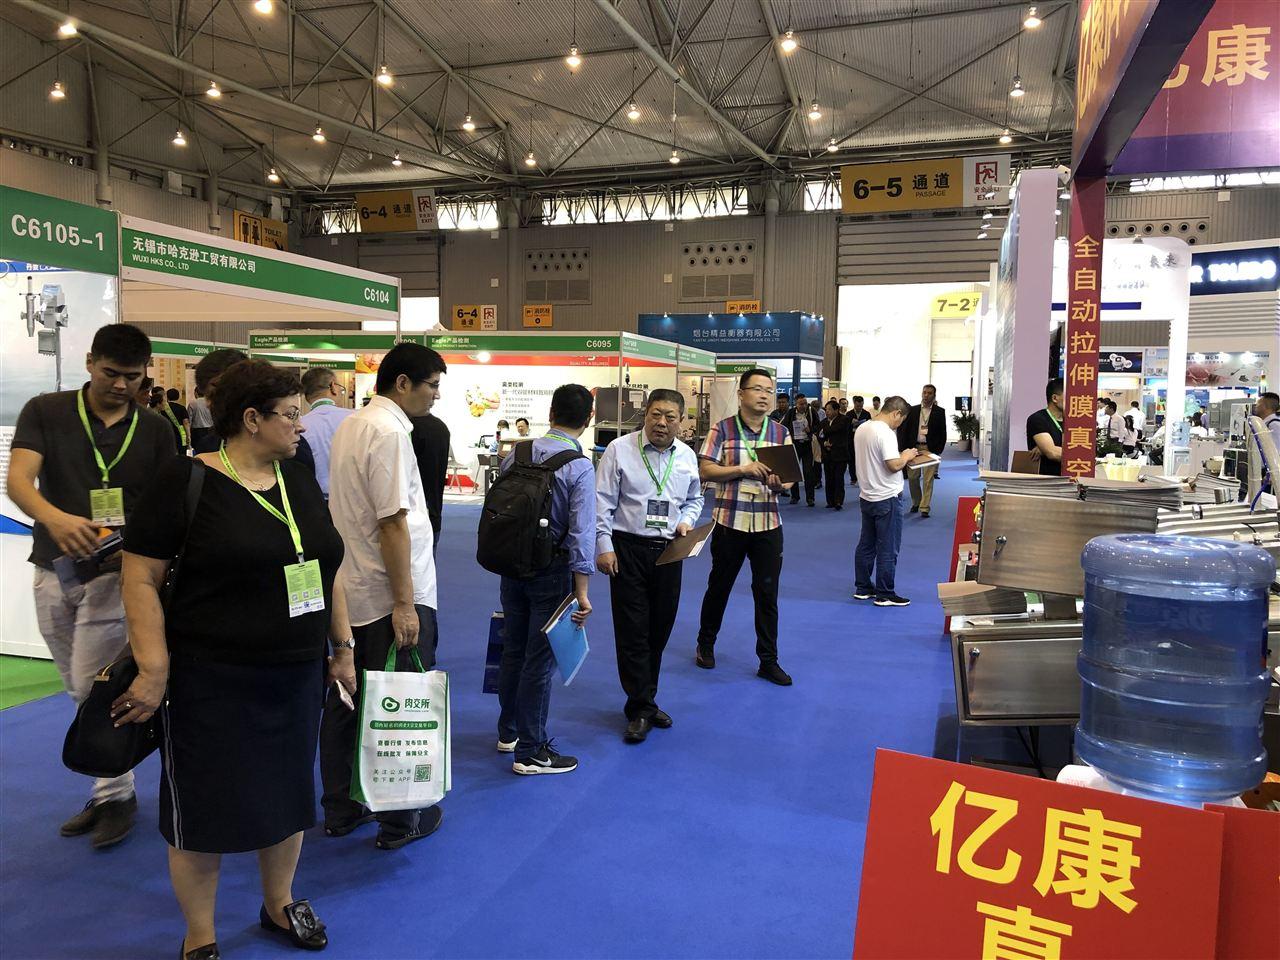 第十七屆中國國際肉類工業展覽會現場圖集